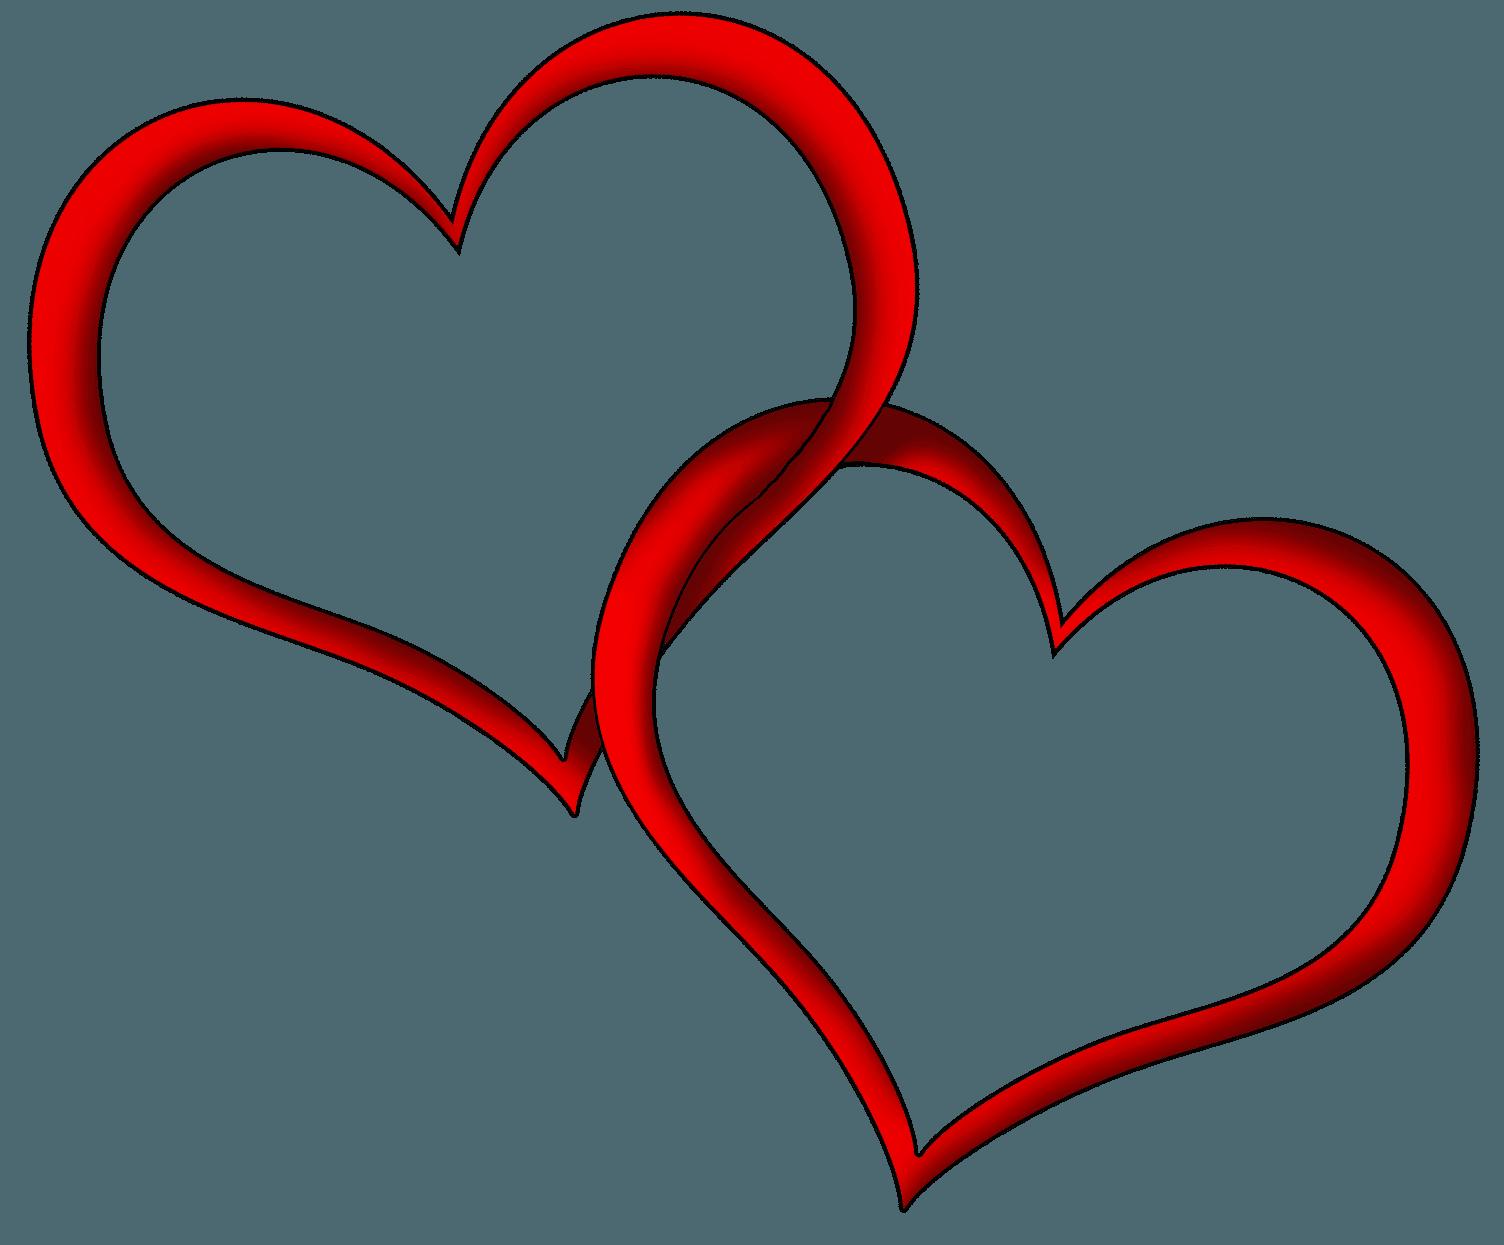 1504x1245 Hearts Heart Clipart